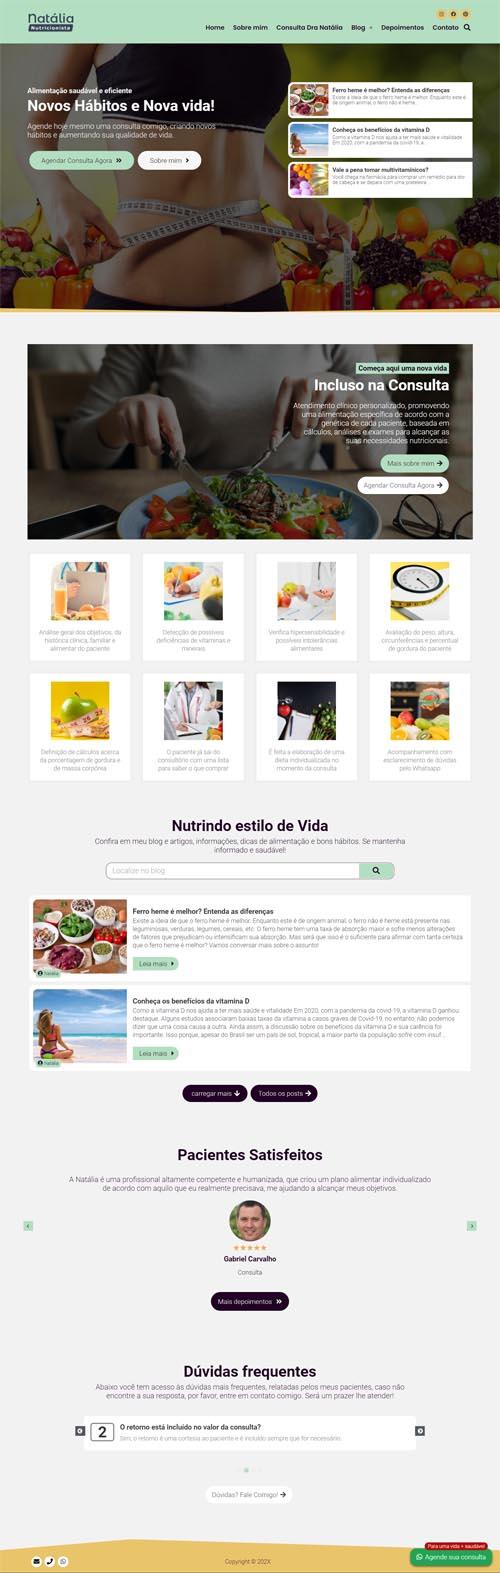 Página inicial modelo Natália - Site para Nutricionistas e Clínica ou Consultório de Nutrição